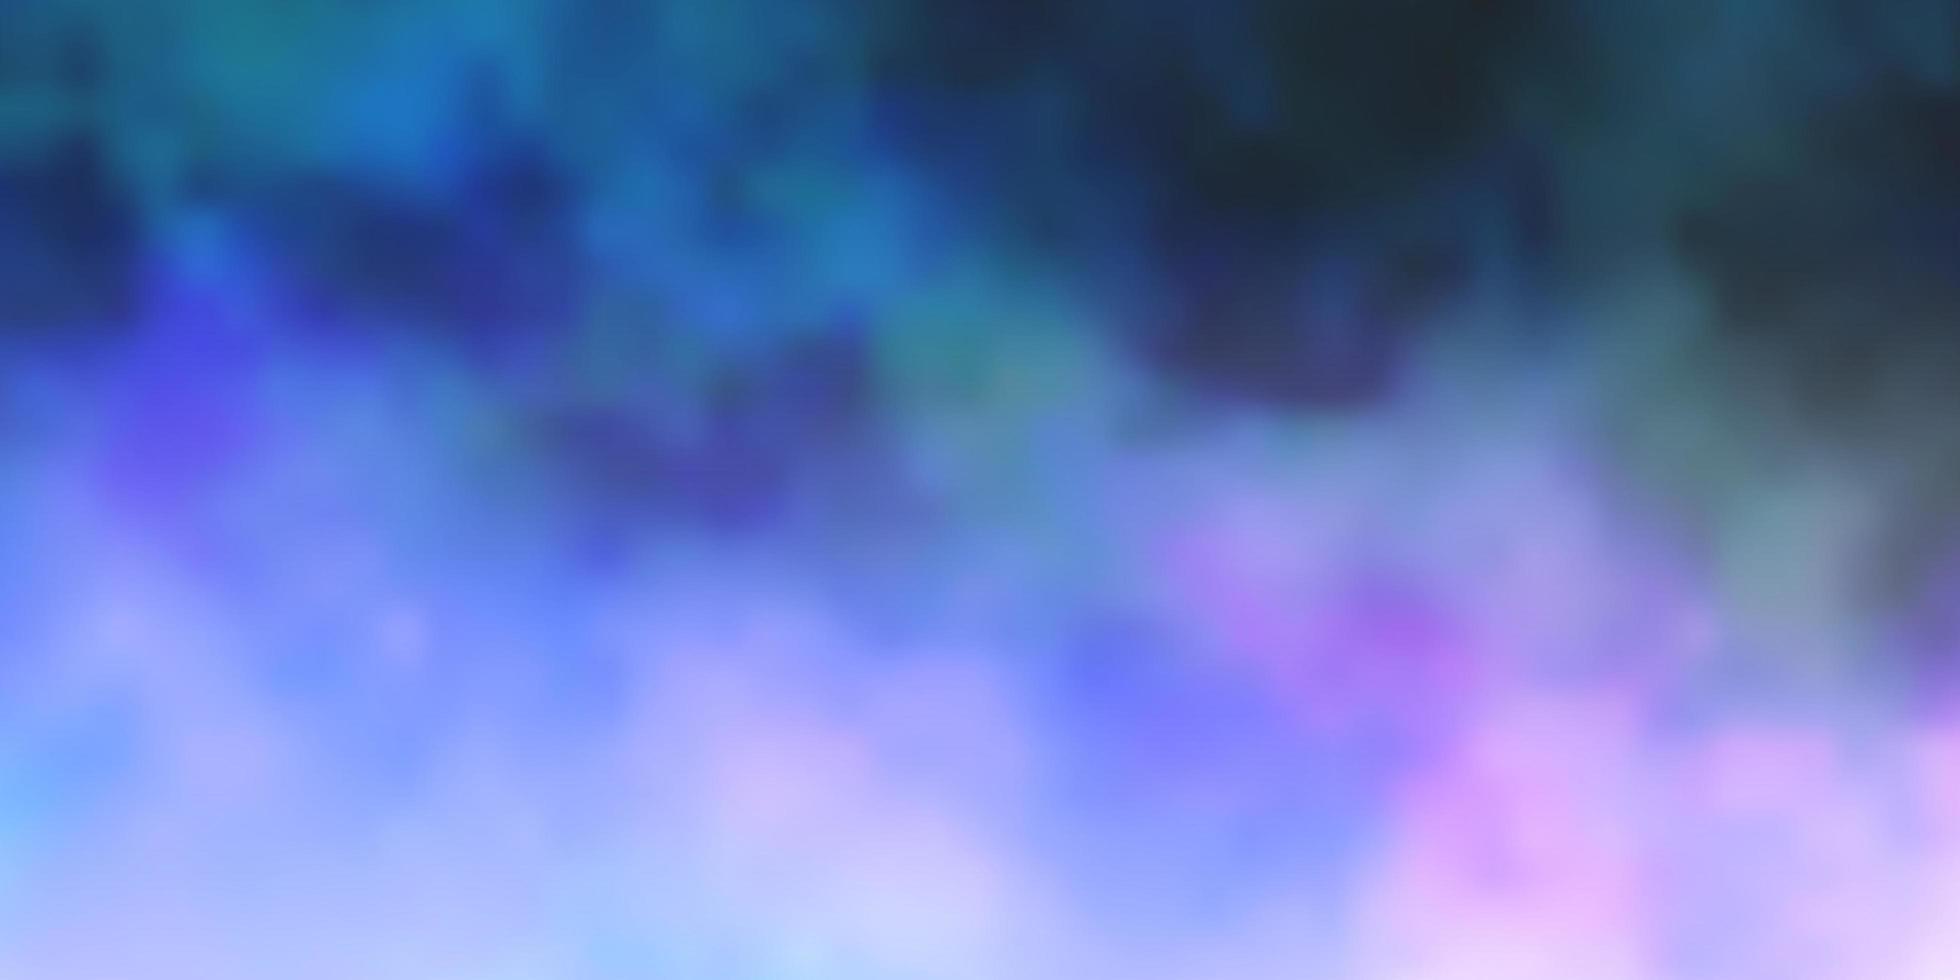 mörkrosa, blå vektormönster med moln. vektor